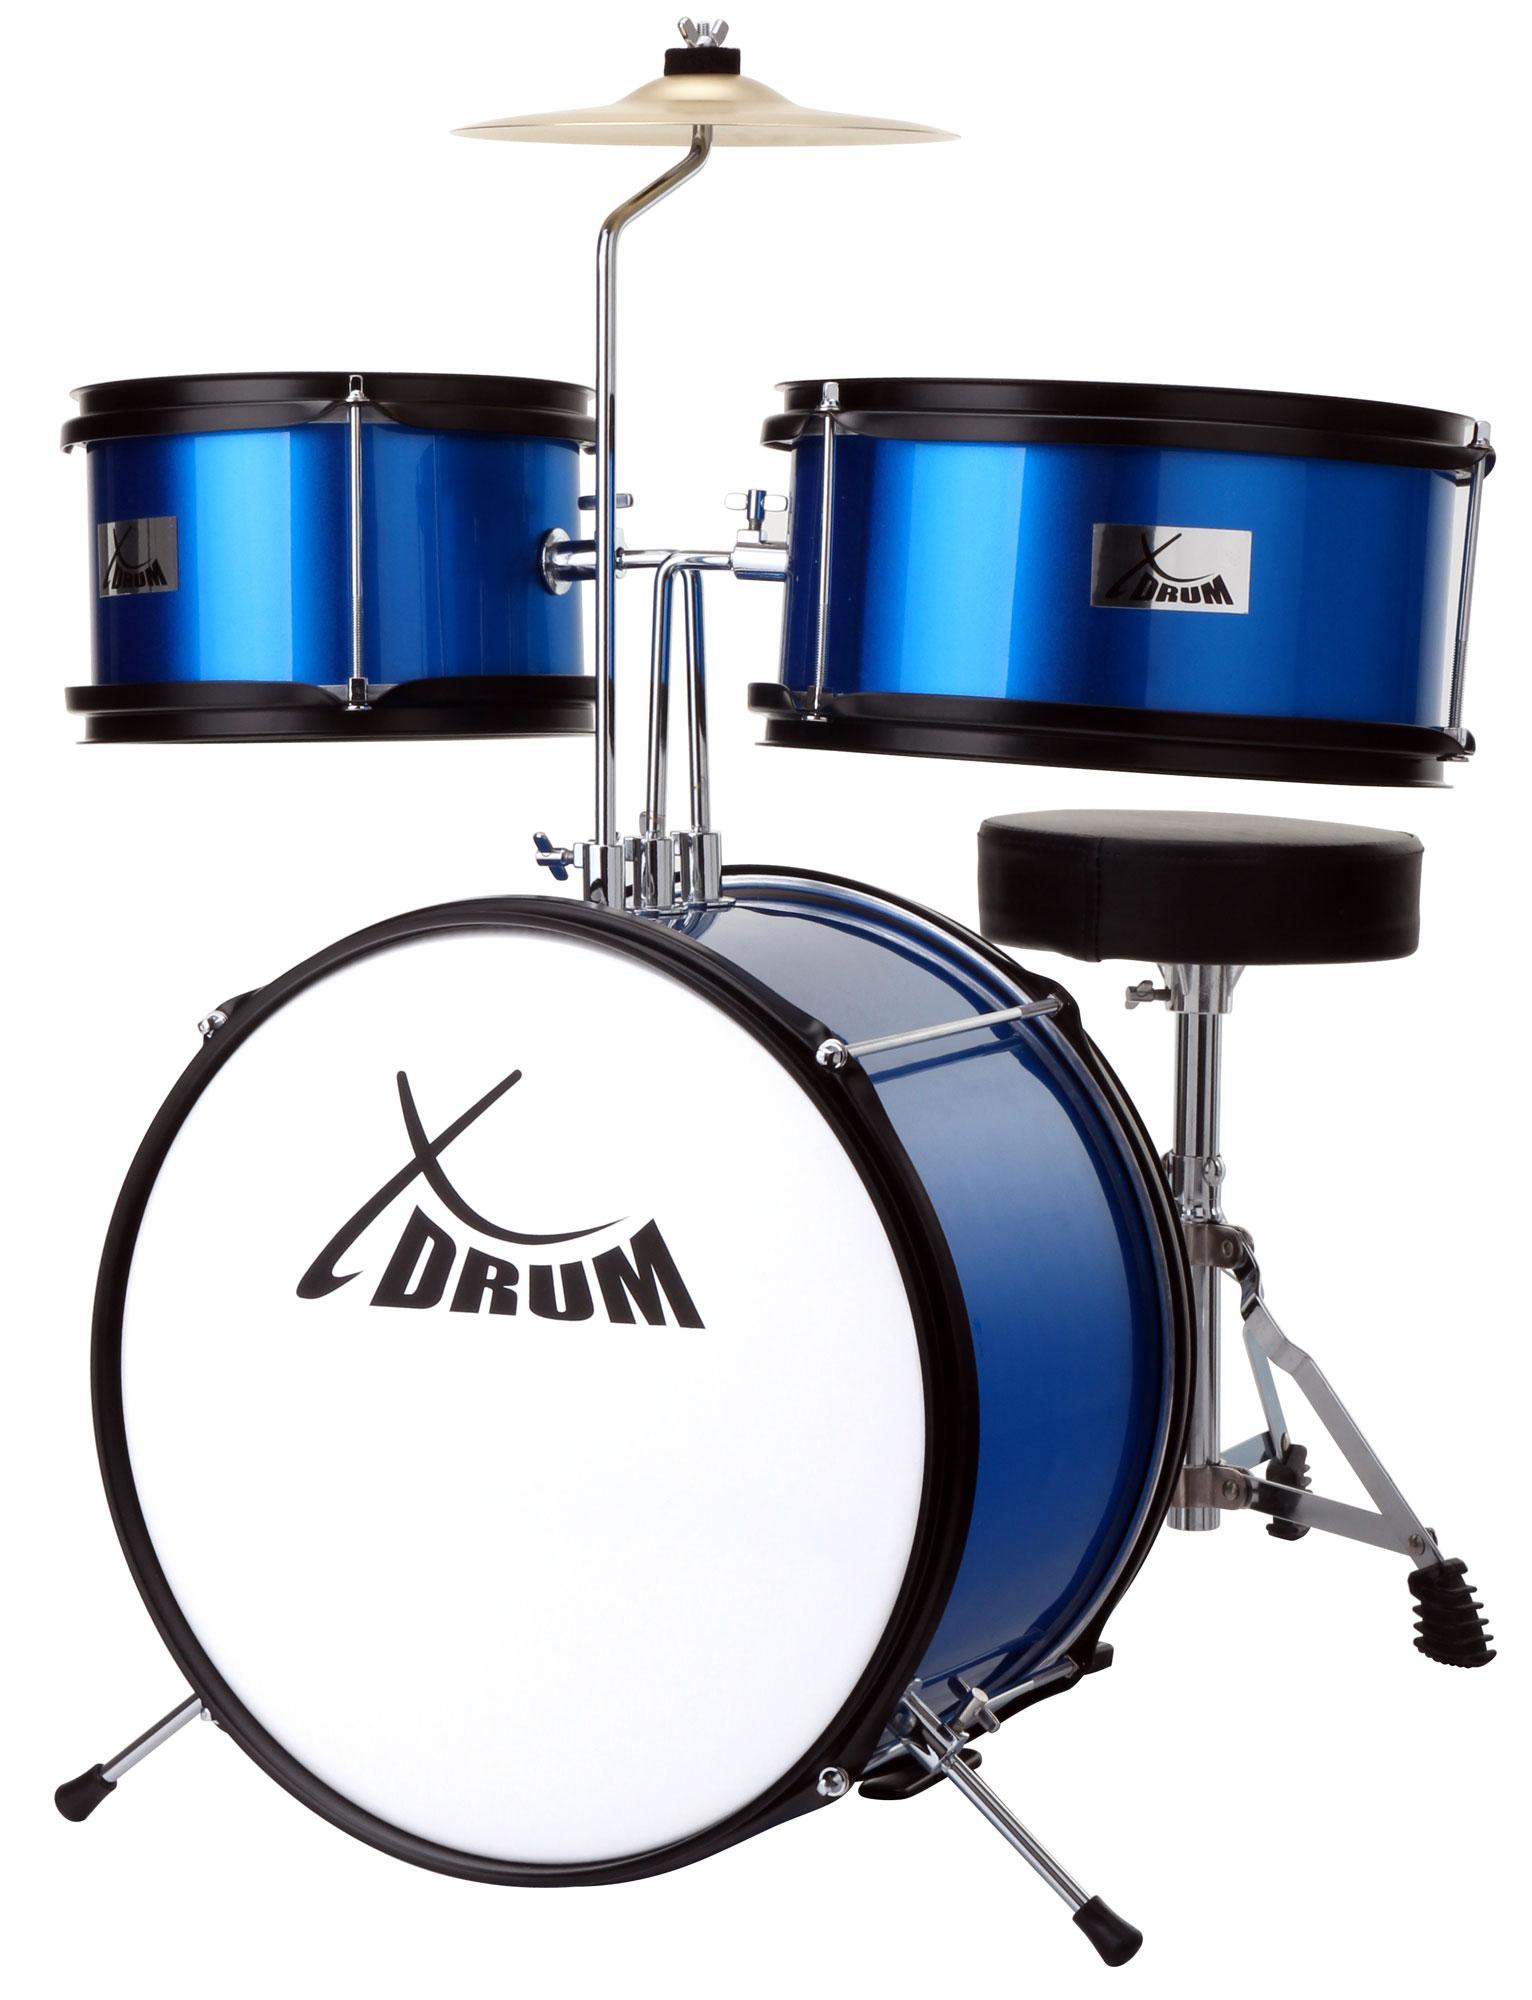 Akustikdrums - XDrum Junior KIDS Schlagzeug inkl. DVD blau Retoure (Zustand sehr gut) - Onlineshop Musikhaus Kirstein